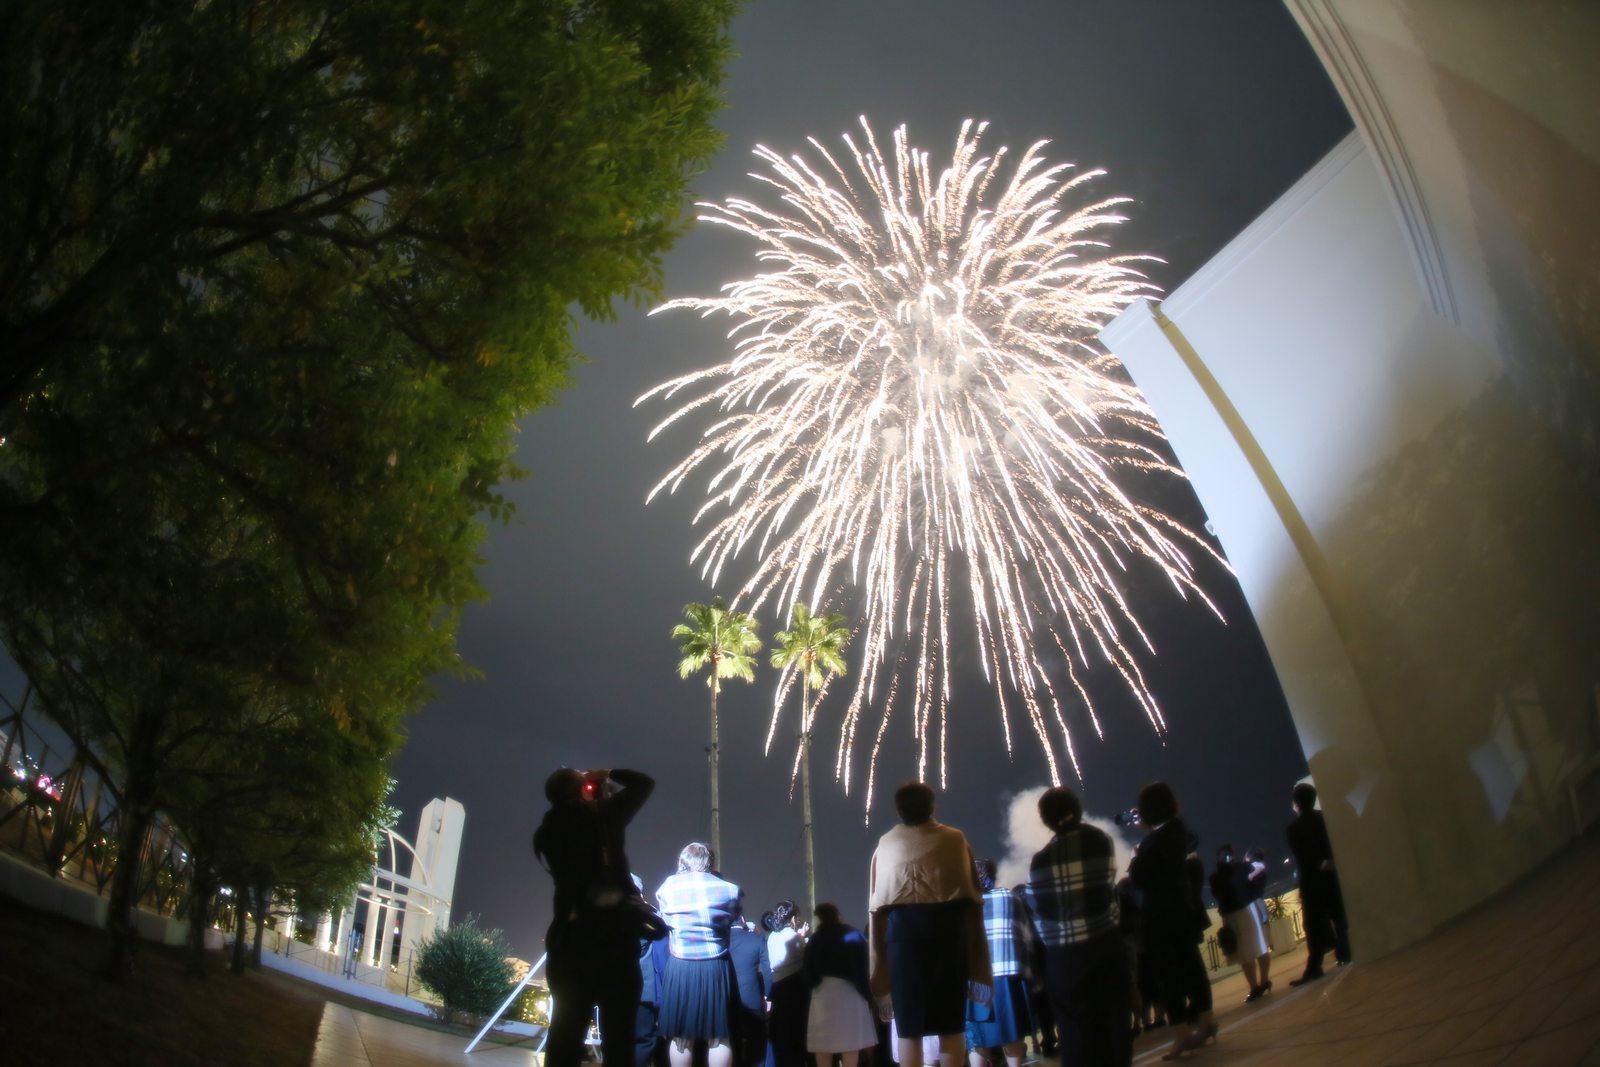 徳島市の結婚式場ブランアンジュで演出の打ち上げ花火を見上げる様子